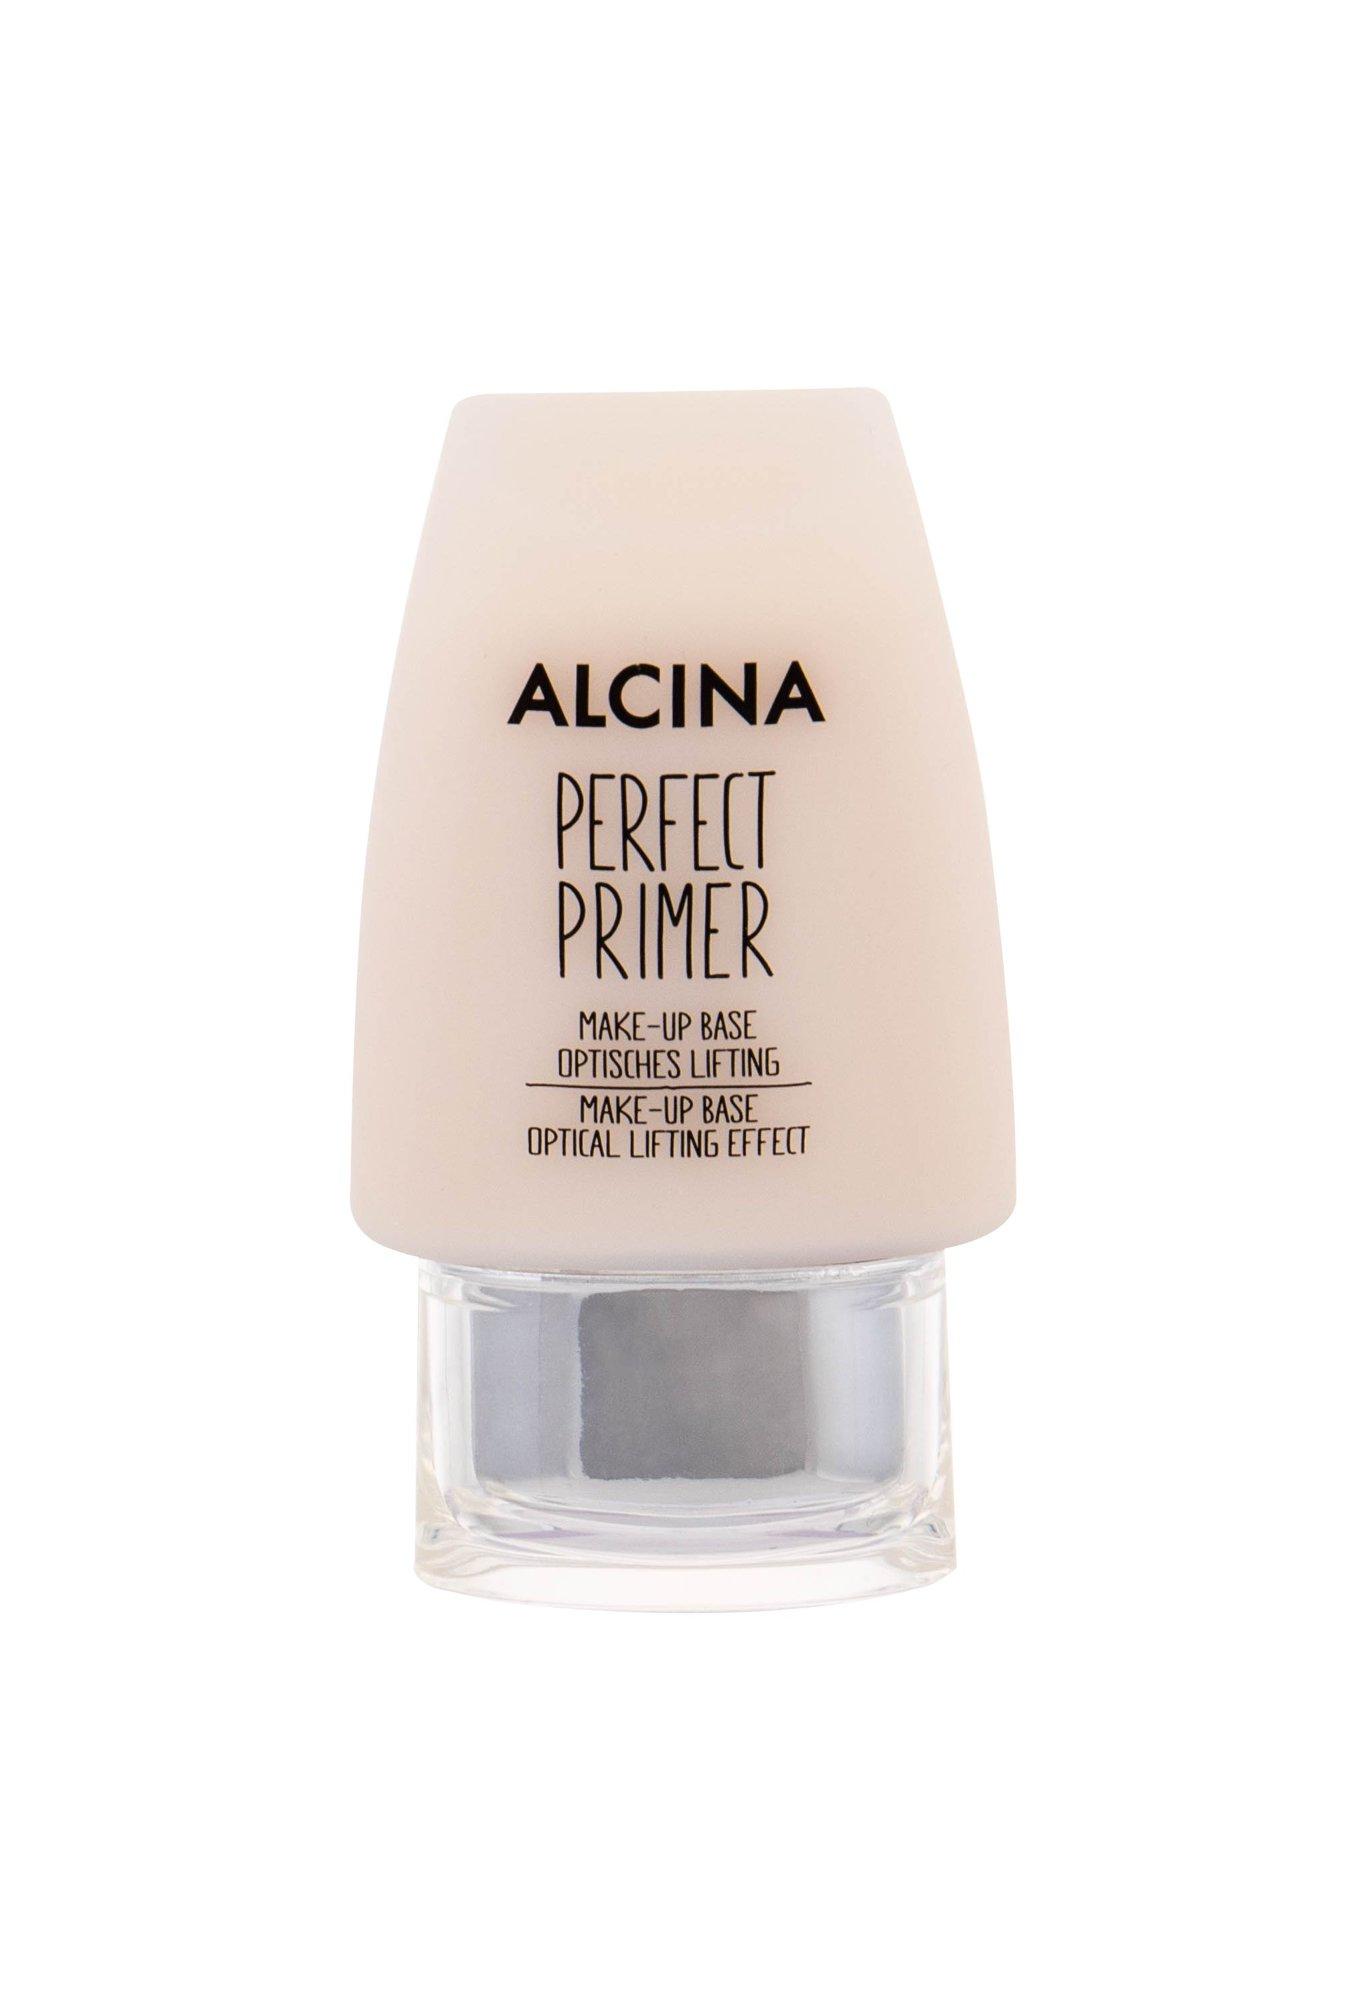 ALCINA Perfect Primer Makeup Primer 30ml